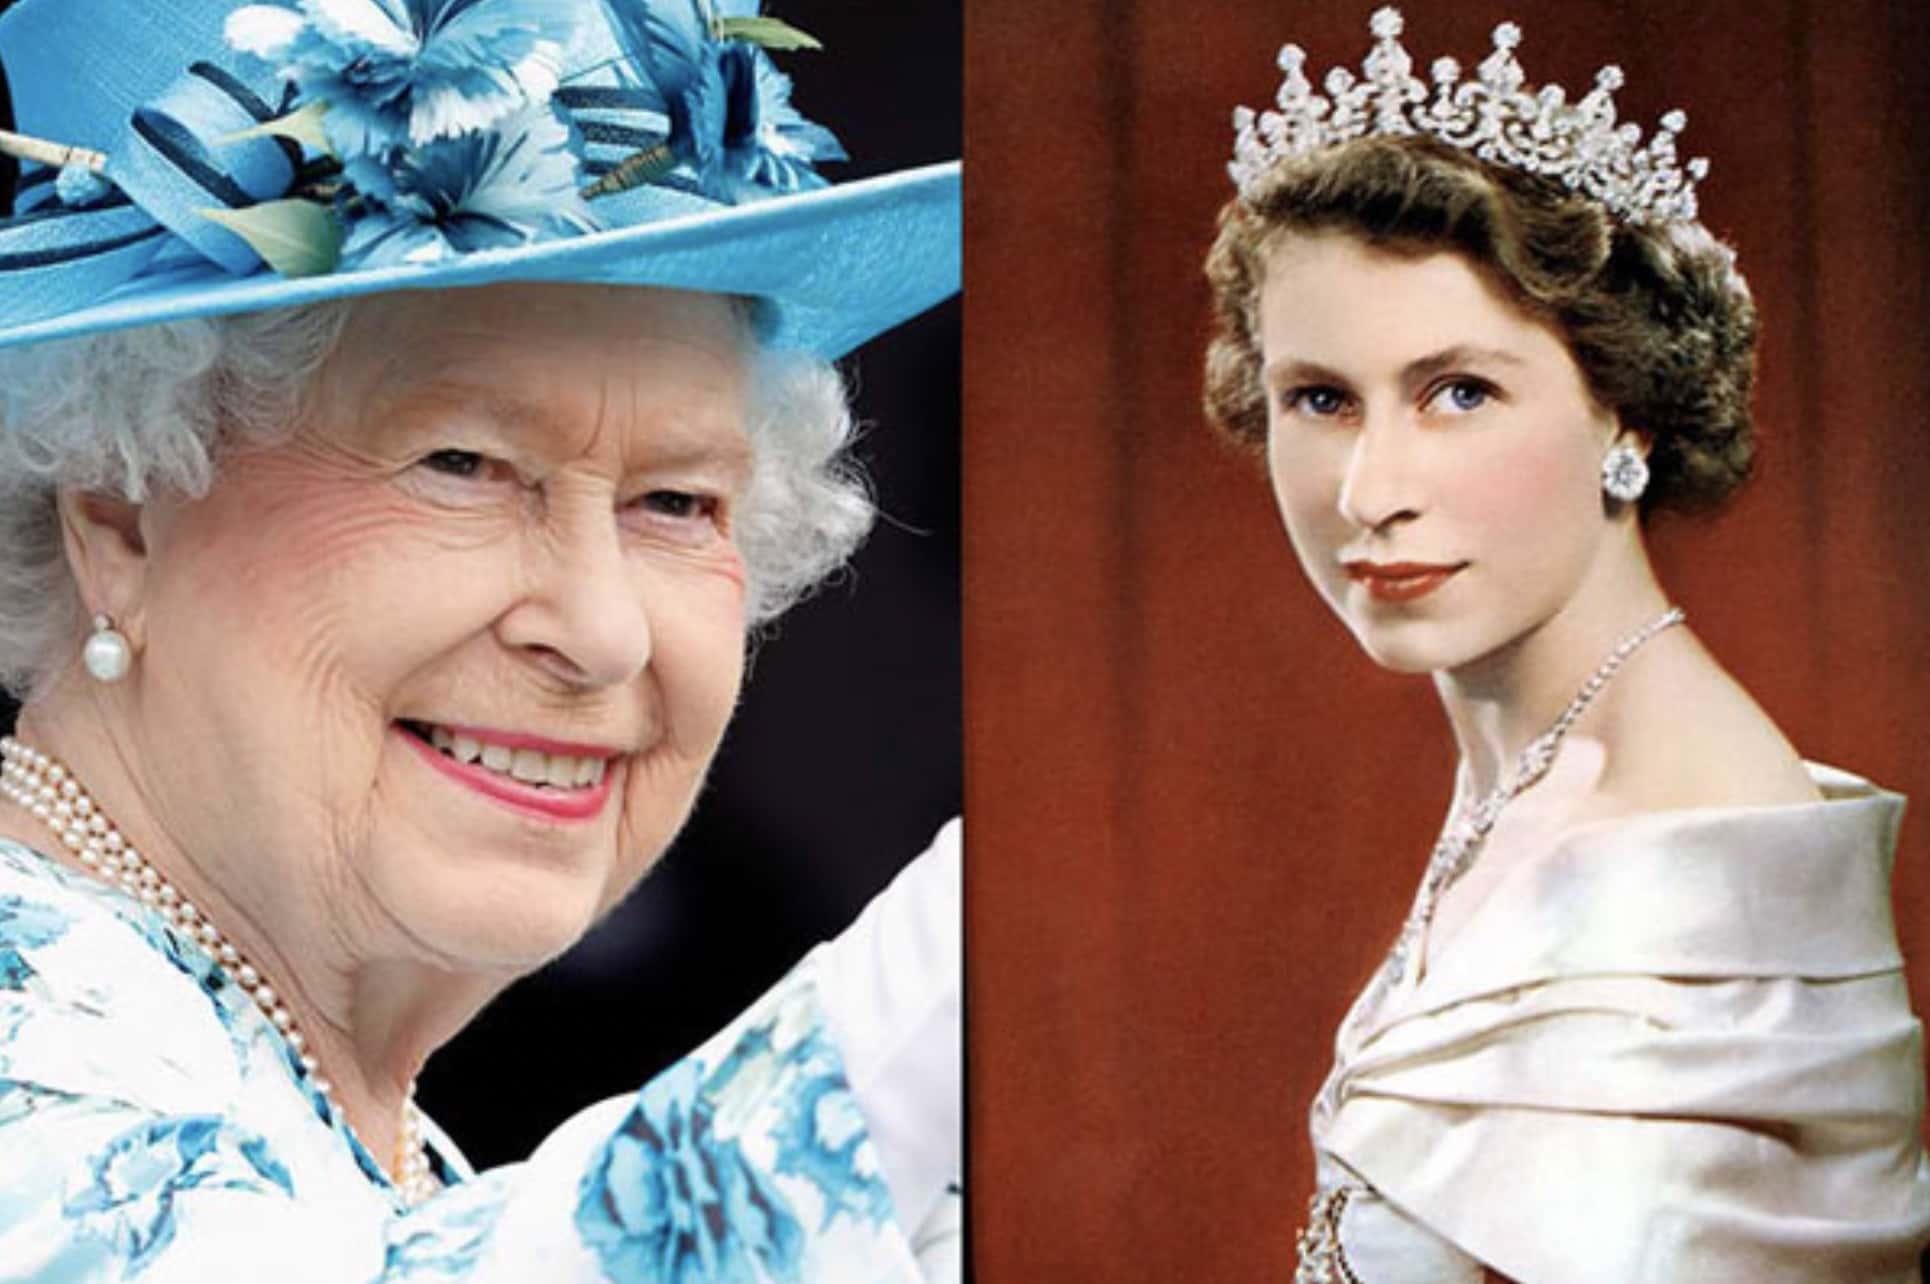 QUEEN ELIZABETH II 91 YEARS OLD